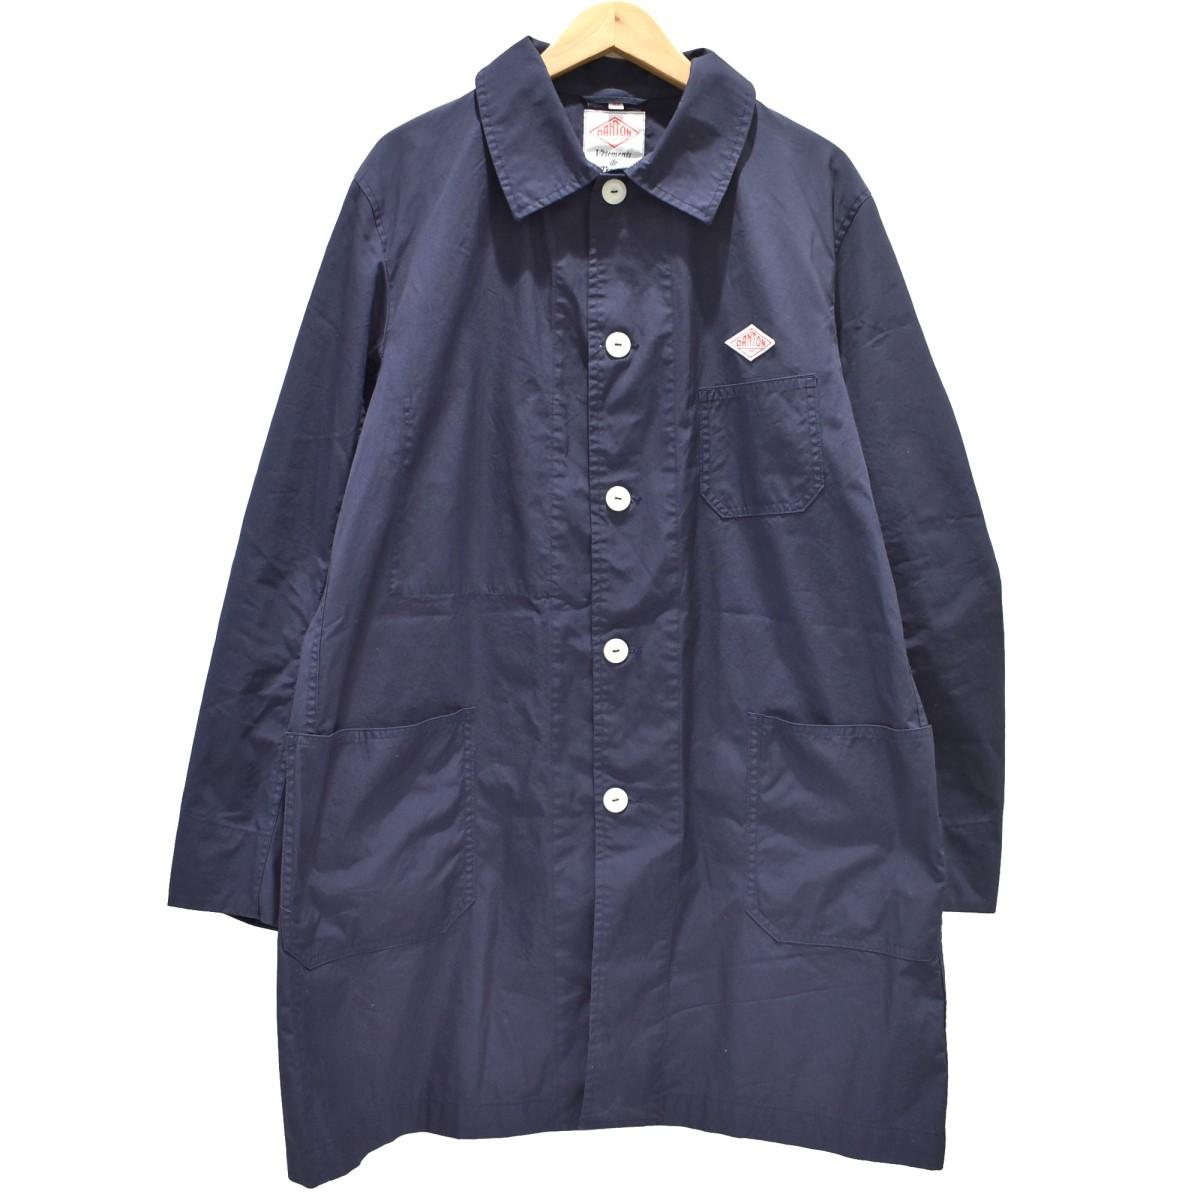 【中古】DANTON ×BEAMS 20SS ステンカラーコート ネイビー サイズ:42 【030520】(ダントン)